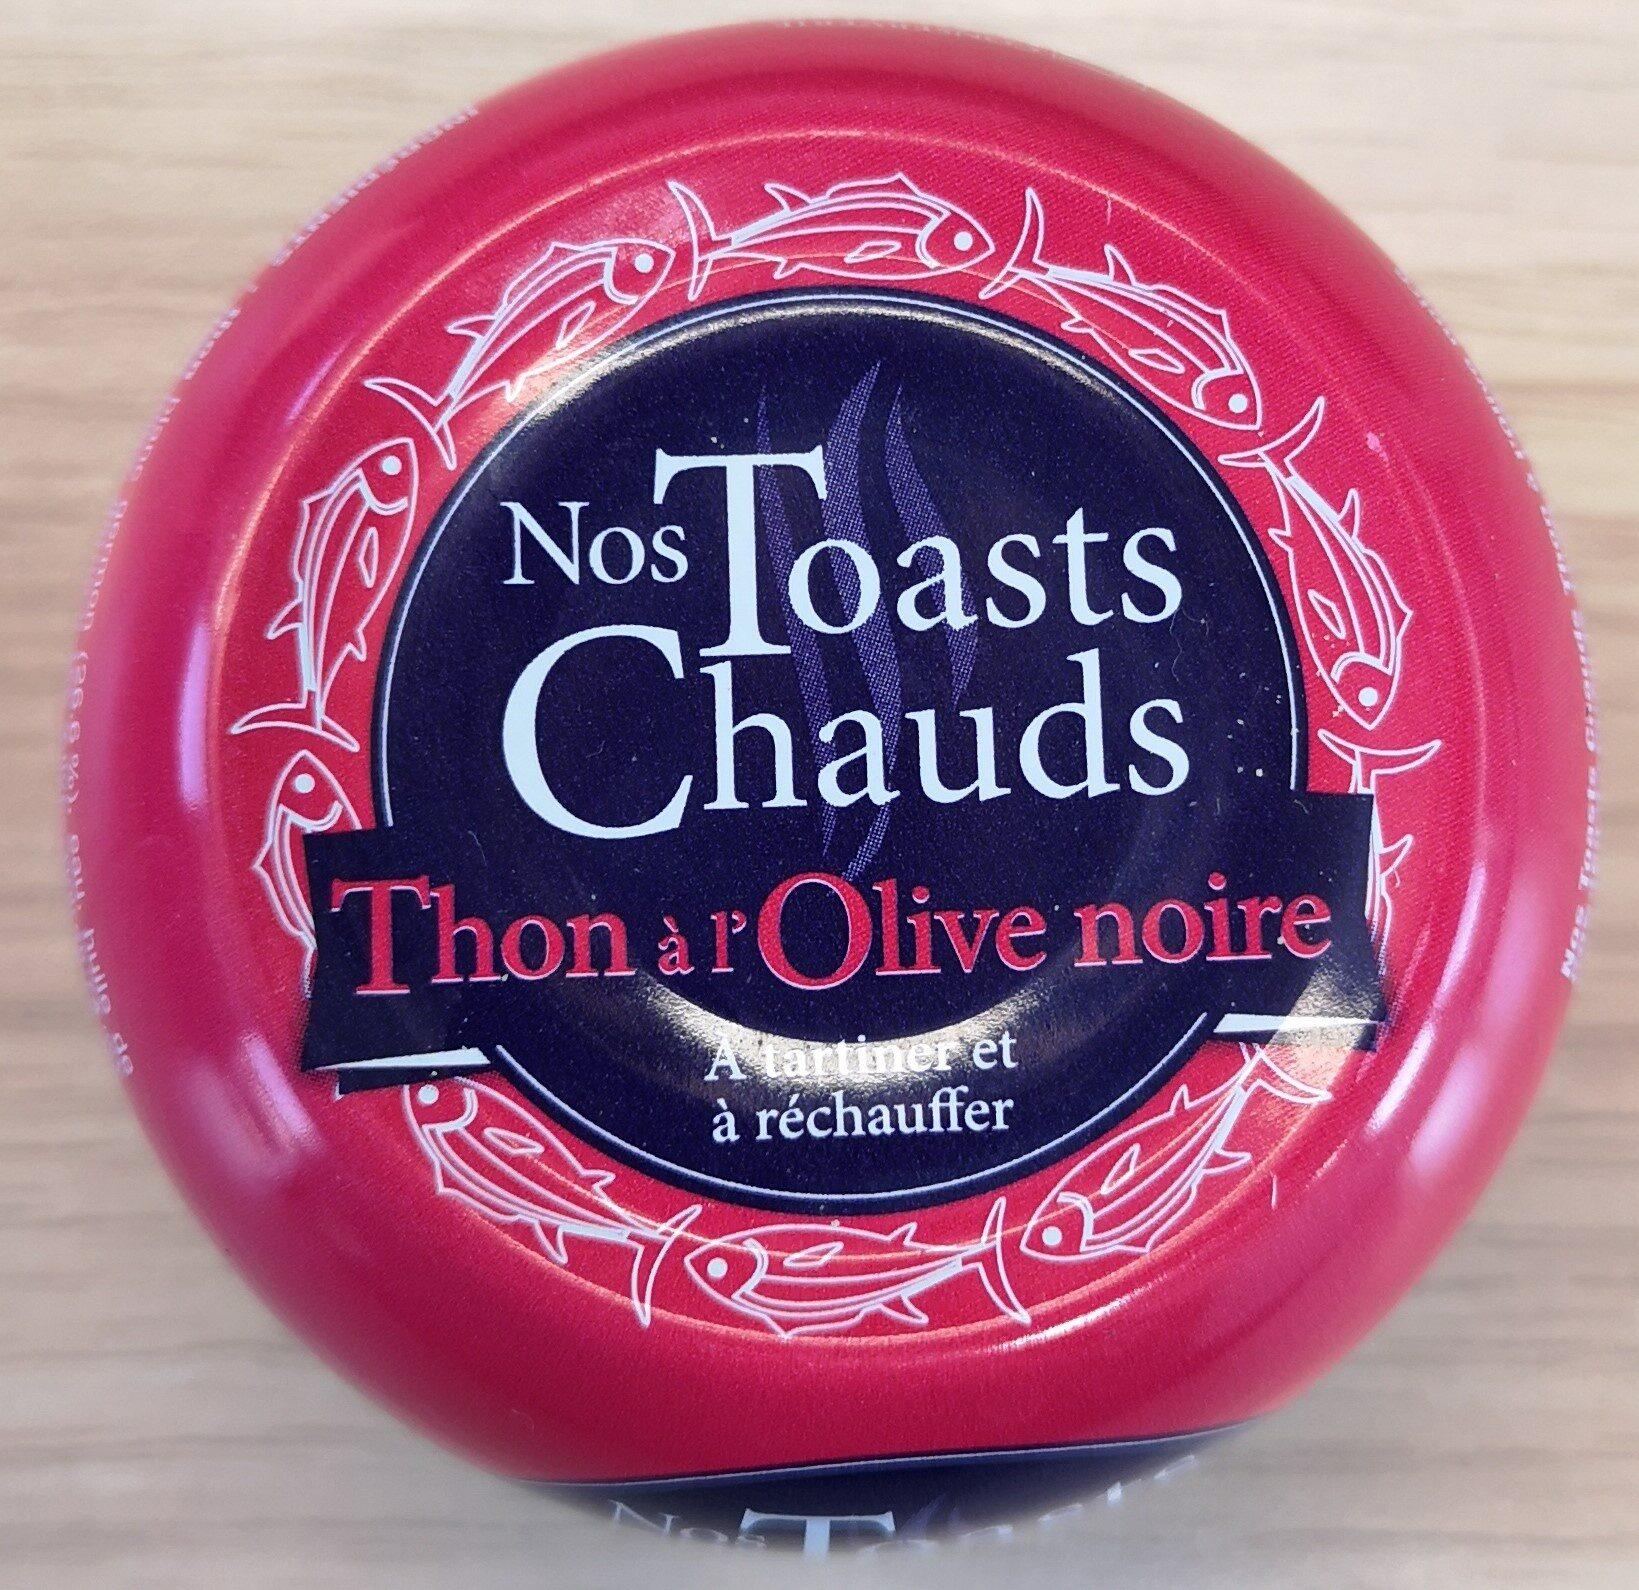 Nos toasts chauds Thon à l'olive noire - Produit